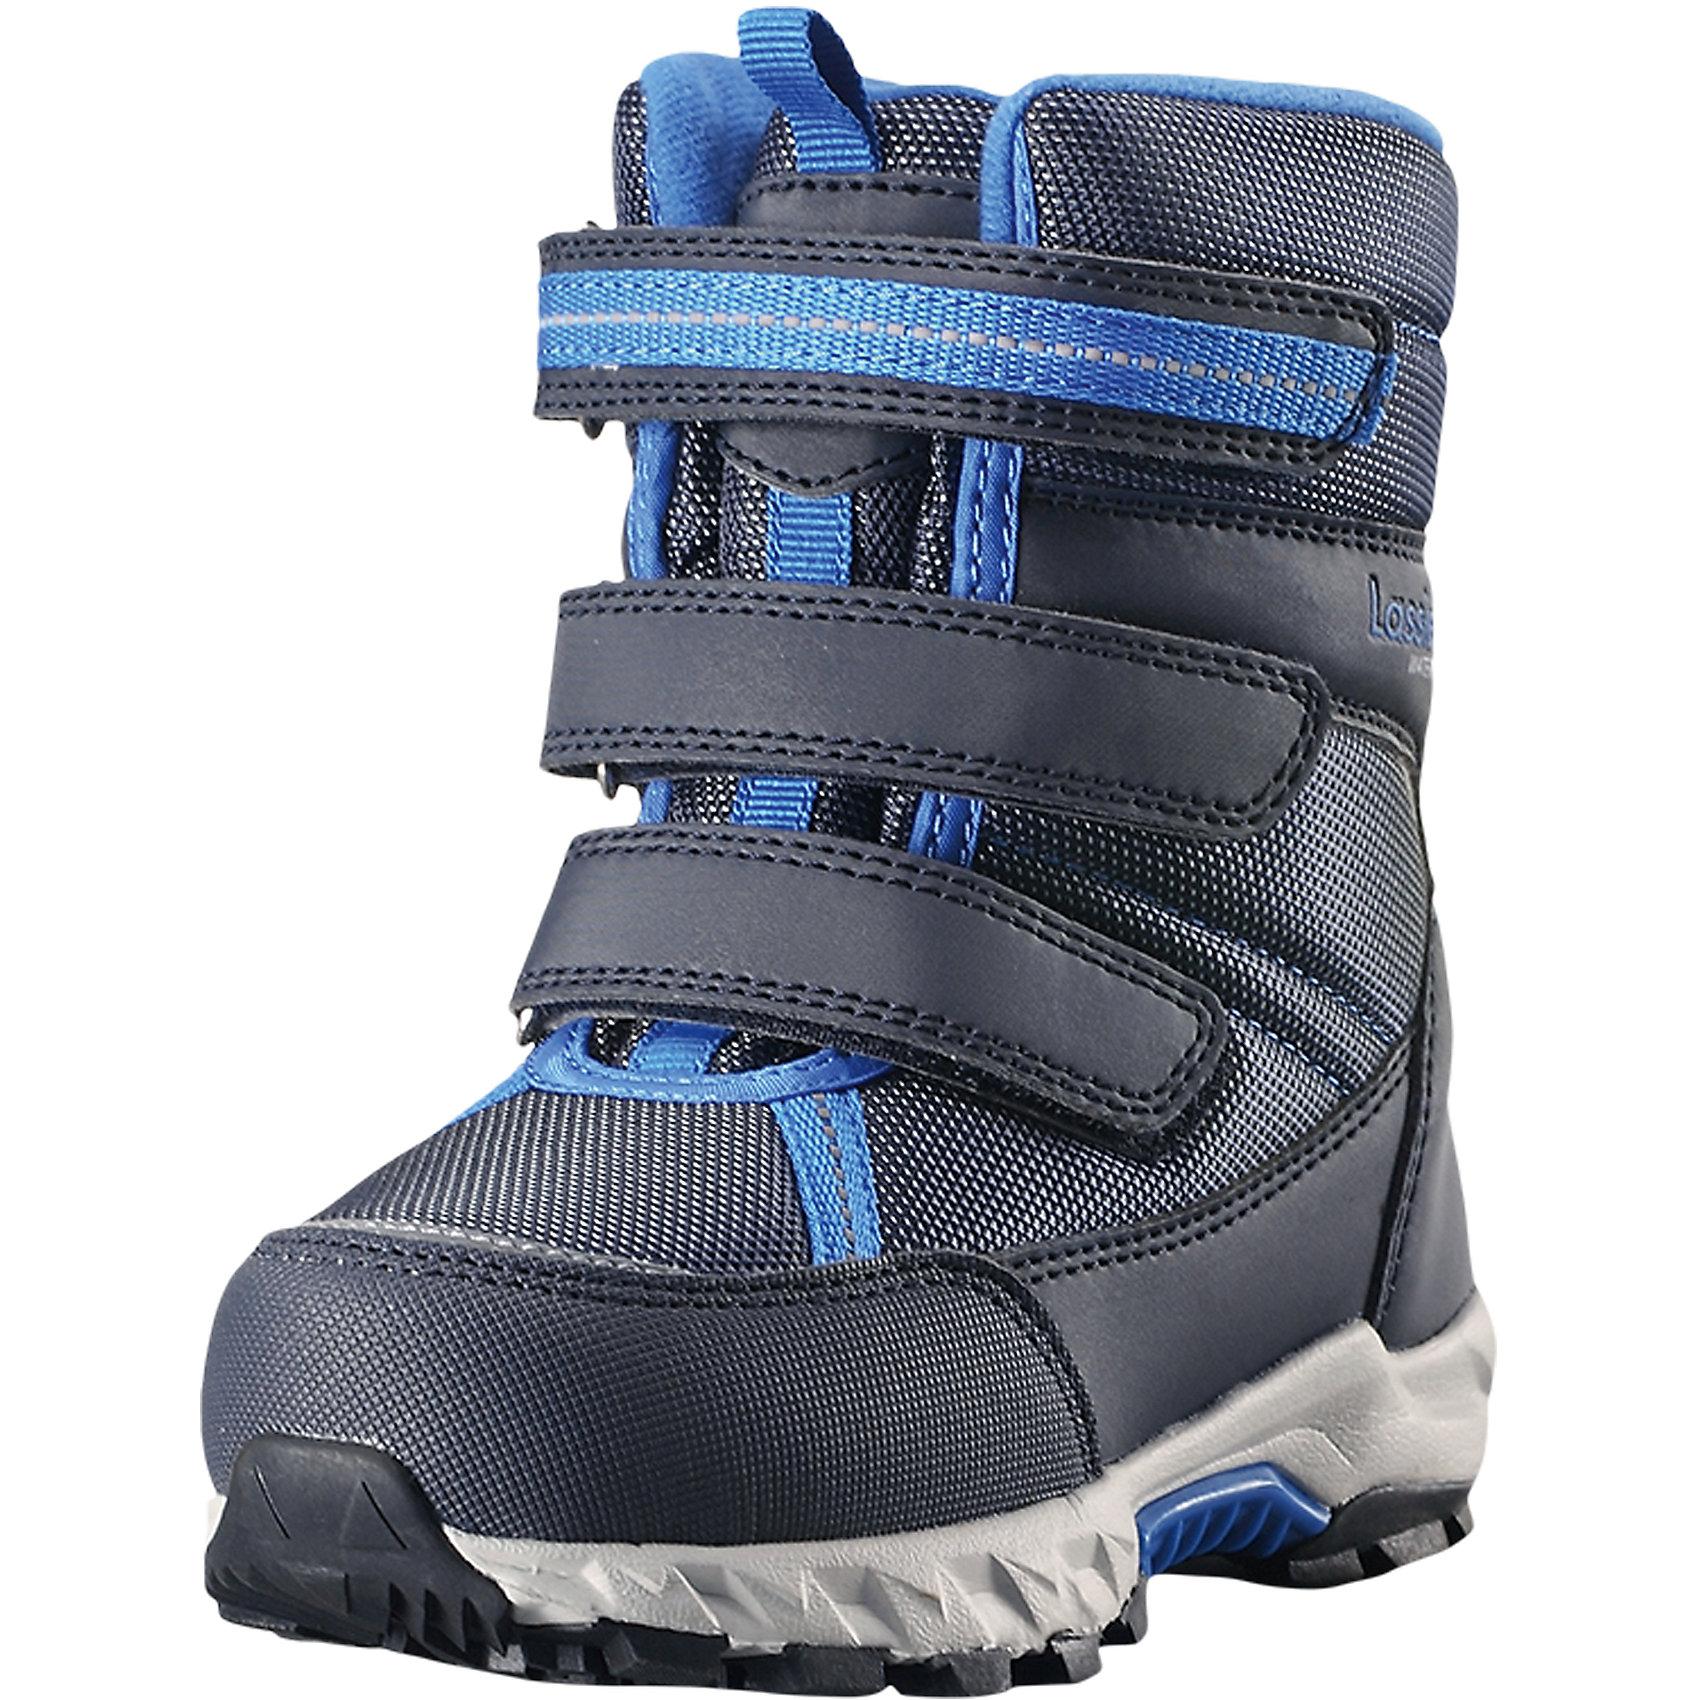 Сапоги Boulder Lassietec LassieОбувь<br>Характеристики товара:<br><br>• цвет: синий;<br>• внешний материал: полиэстер, полиуретан, текстиль;<br>• внутренний материал: искусственный мех;<br>• стелька: искусственный мех;<br>• подошва: термопластиная резина;<br>• сезон: зима;<br>• температурный режим: от 0 до -30С;<br>• застежка: три ремешка на липучках;<br>• водонепроницаемая зимняя обувь; <br>• гибкая легкая подошва из филона/резины;<br>• подкладка из искусственного меха;<br>• съемные стельки; <br>• светоотражающие детали;<br>• страна бренда: Финляндия;<br>• страна изготовитель: Китай;<br><br>Пара отличных зимних ботинок – вот без чего просто не обойтись в холодное время года! Эти стильные водонепроницаемые детские зимние ботинки изготовлены из текстиля и синтетического материала, прочного и простого в уходе. Благодаря мягкой подкладке из искусственного меха во время прогулок на свежем воздухе ножкам будет тепло и сухо. Регулируемая застежка на липучке облегчает обувание и обеспечивает хорошую фиксацию на ноге. Светоотражающие детали.<br><br>Сапоги Boulder Lassietec Lassie (Ласси) можно купить в нашем интернет-магазине.<br><br>Ширина мм: 257<br>Глубина мм: 180<br>Высота мм: 130<br>Вес г: 420<br>Цвет: синий<br>Возраст от месяцев: 96<br>Возраст до месяцев: 108<br>Пол: Унисекс<br>Возраст: Детский<br>Размер: 35,31,22,23,24,25,26,27,28,29,30,34,32,33<br>SKU: 6901030